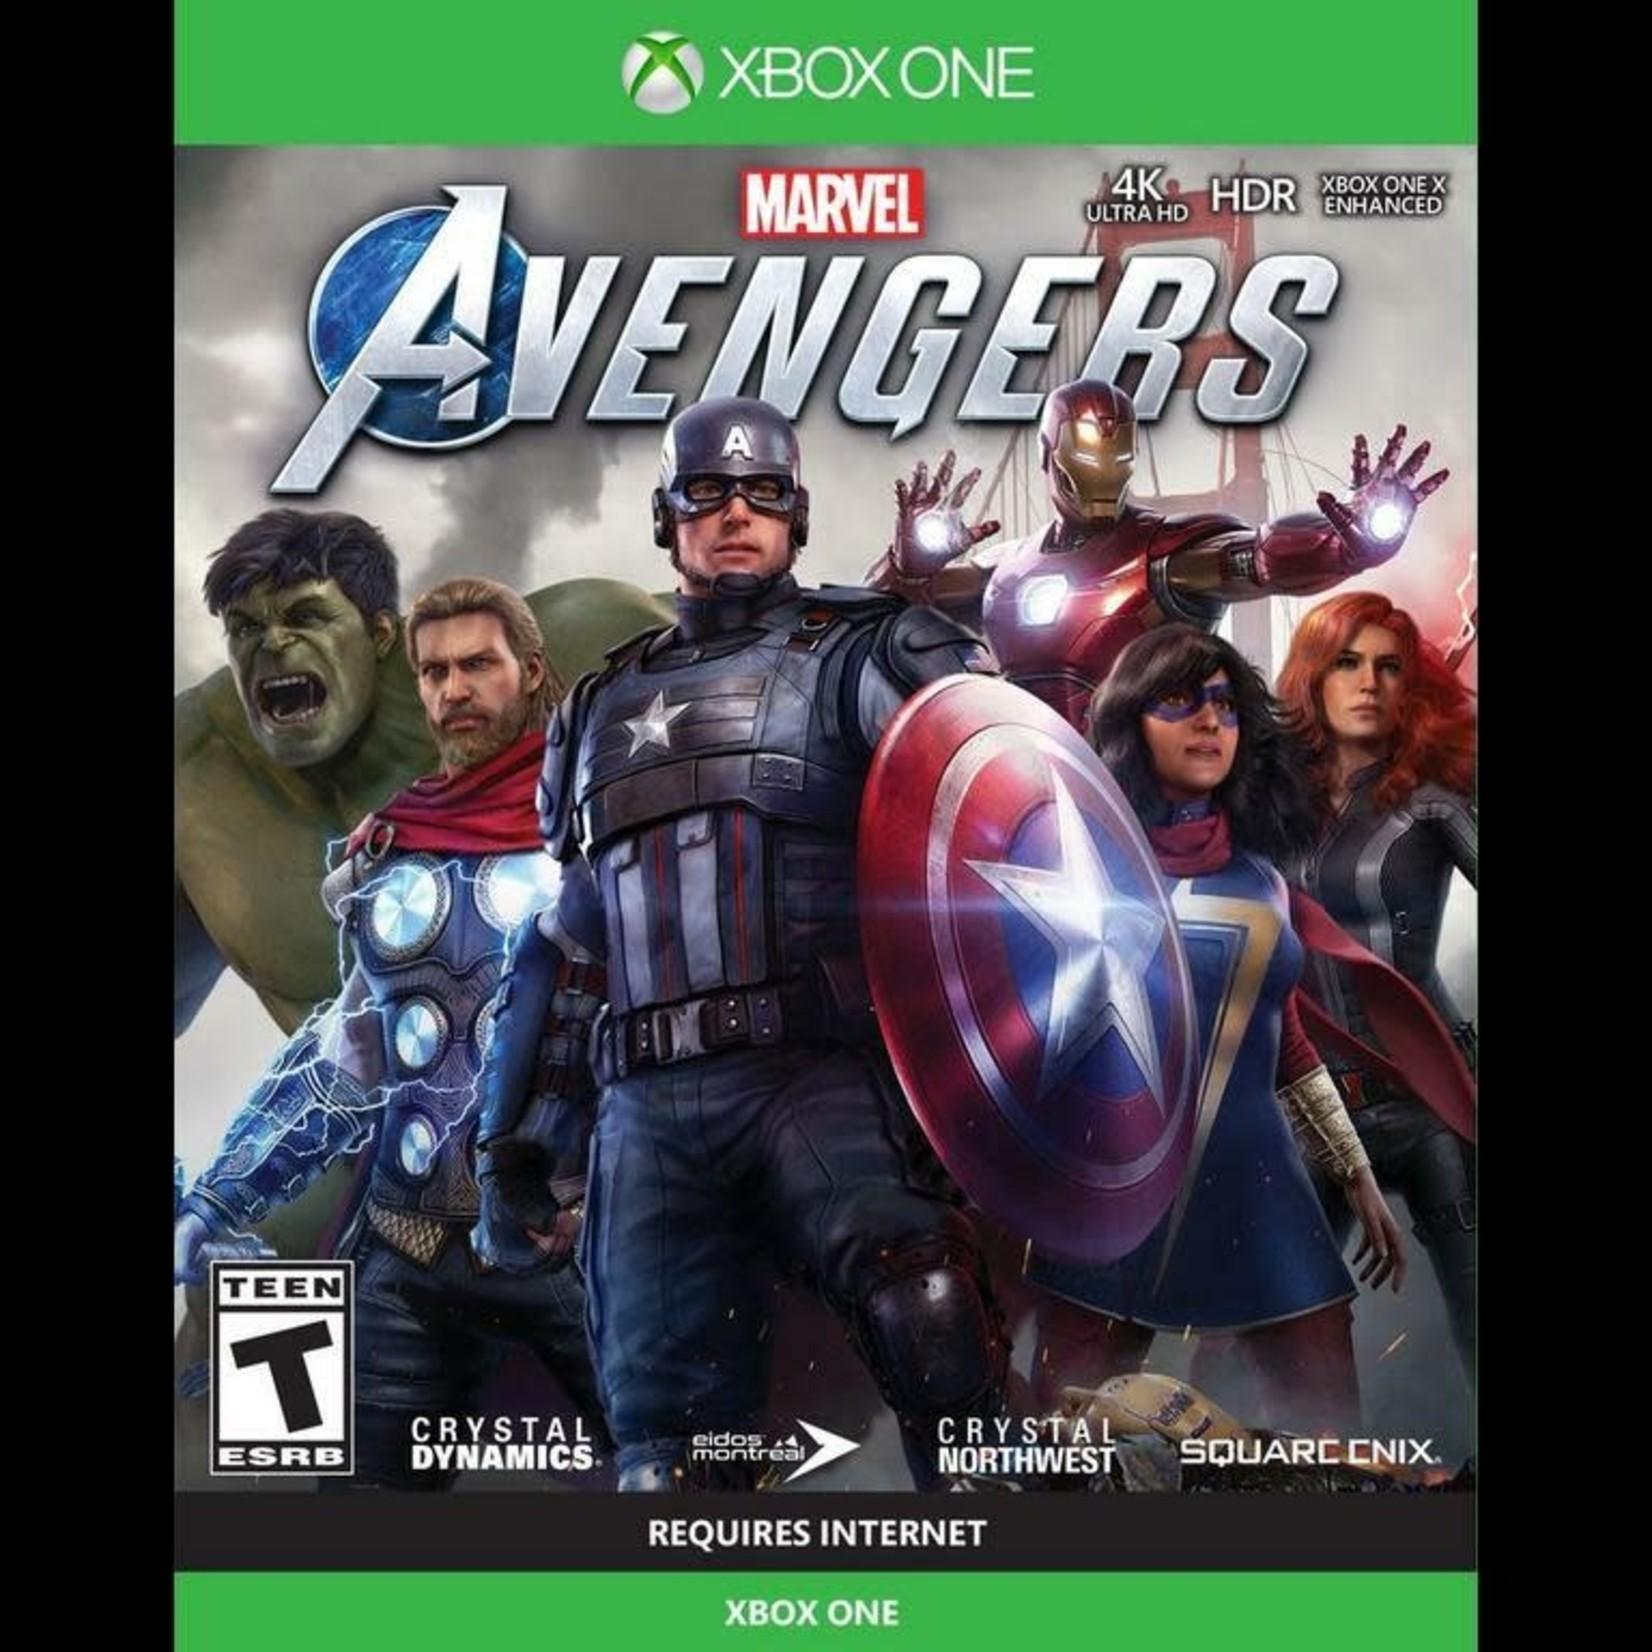 XB1-Marvel's Avengers